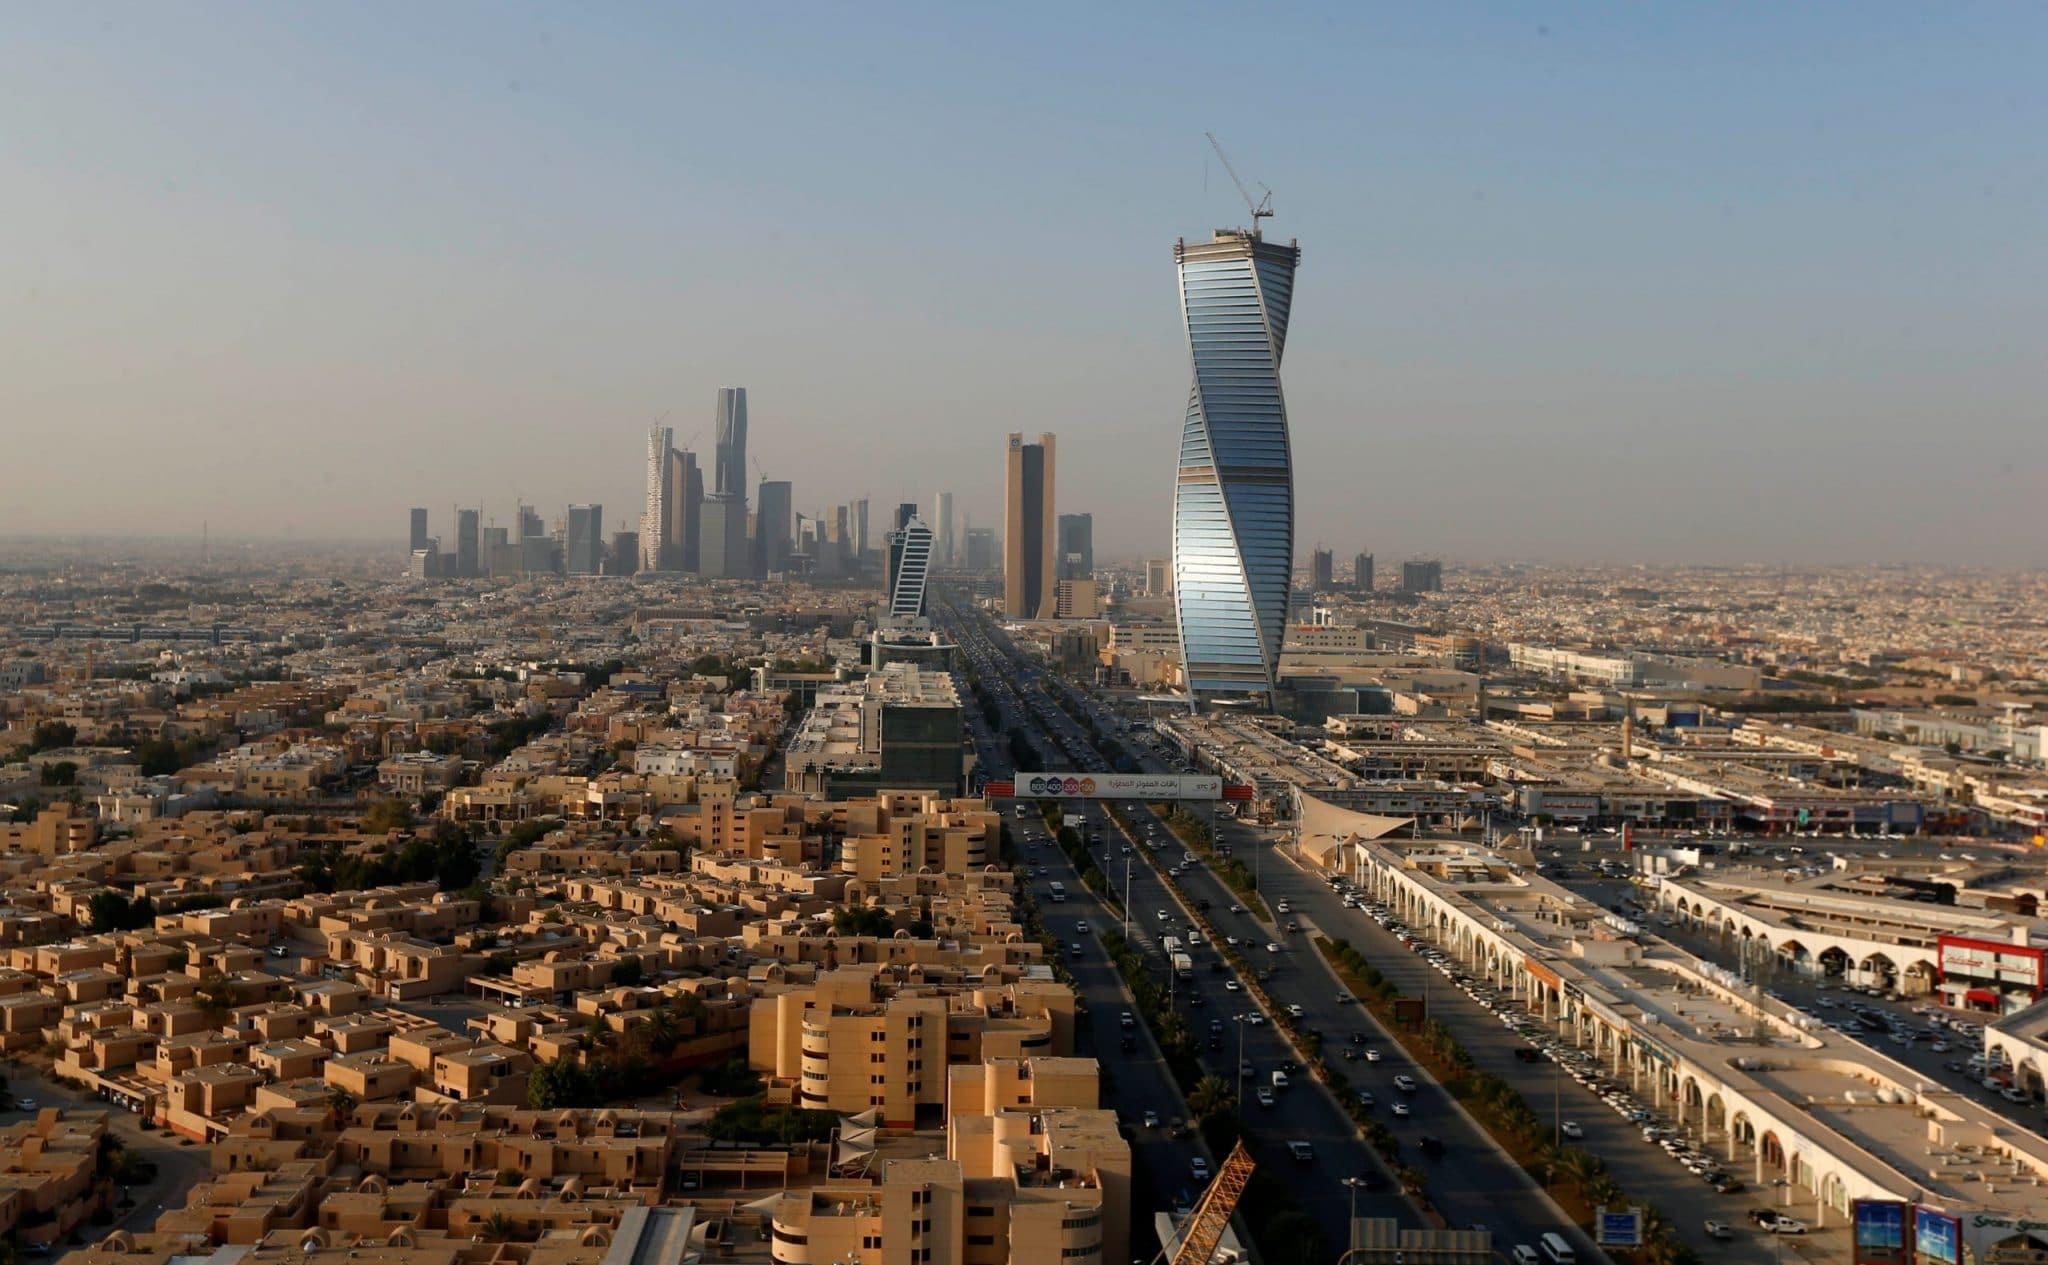 حقيقة اصابة اثنين بفيروس كورونا في السعودية